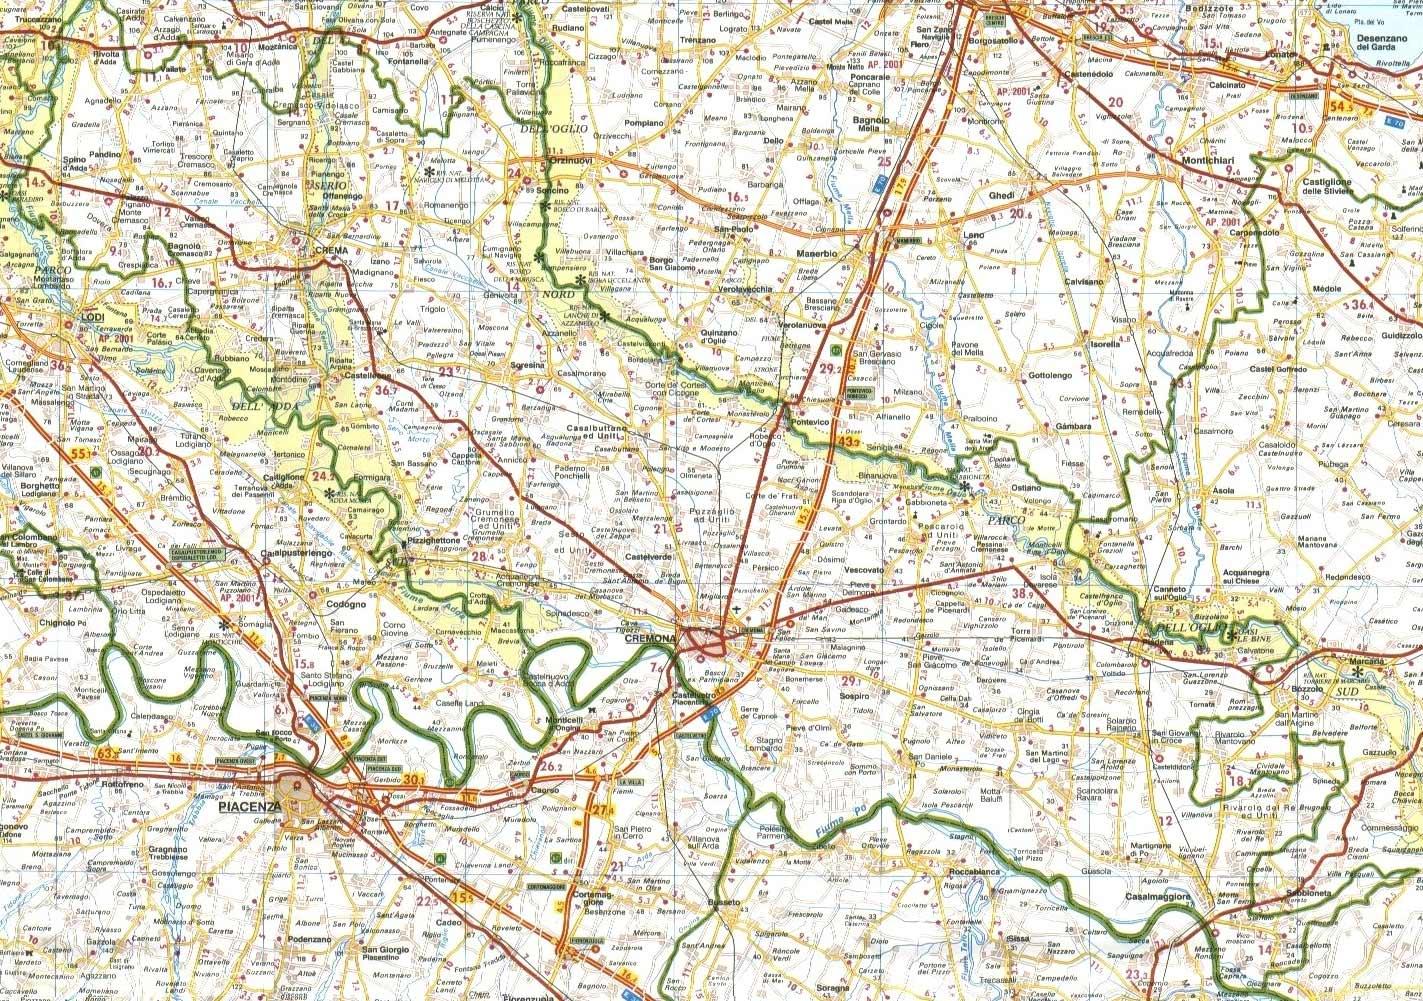 Cartina Geografica Della Provincia Di Mantova.Adl C Atlante Demologico Lombardo Il Cremonese Ricerche